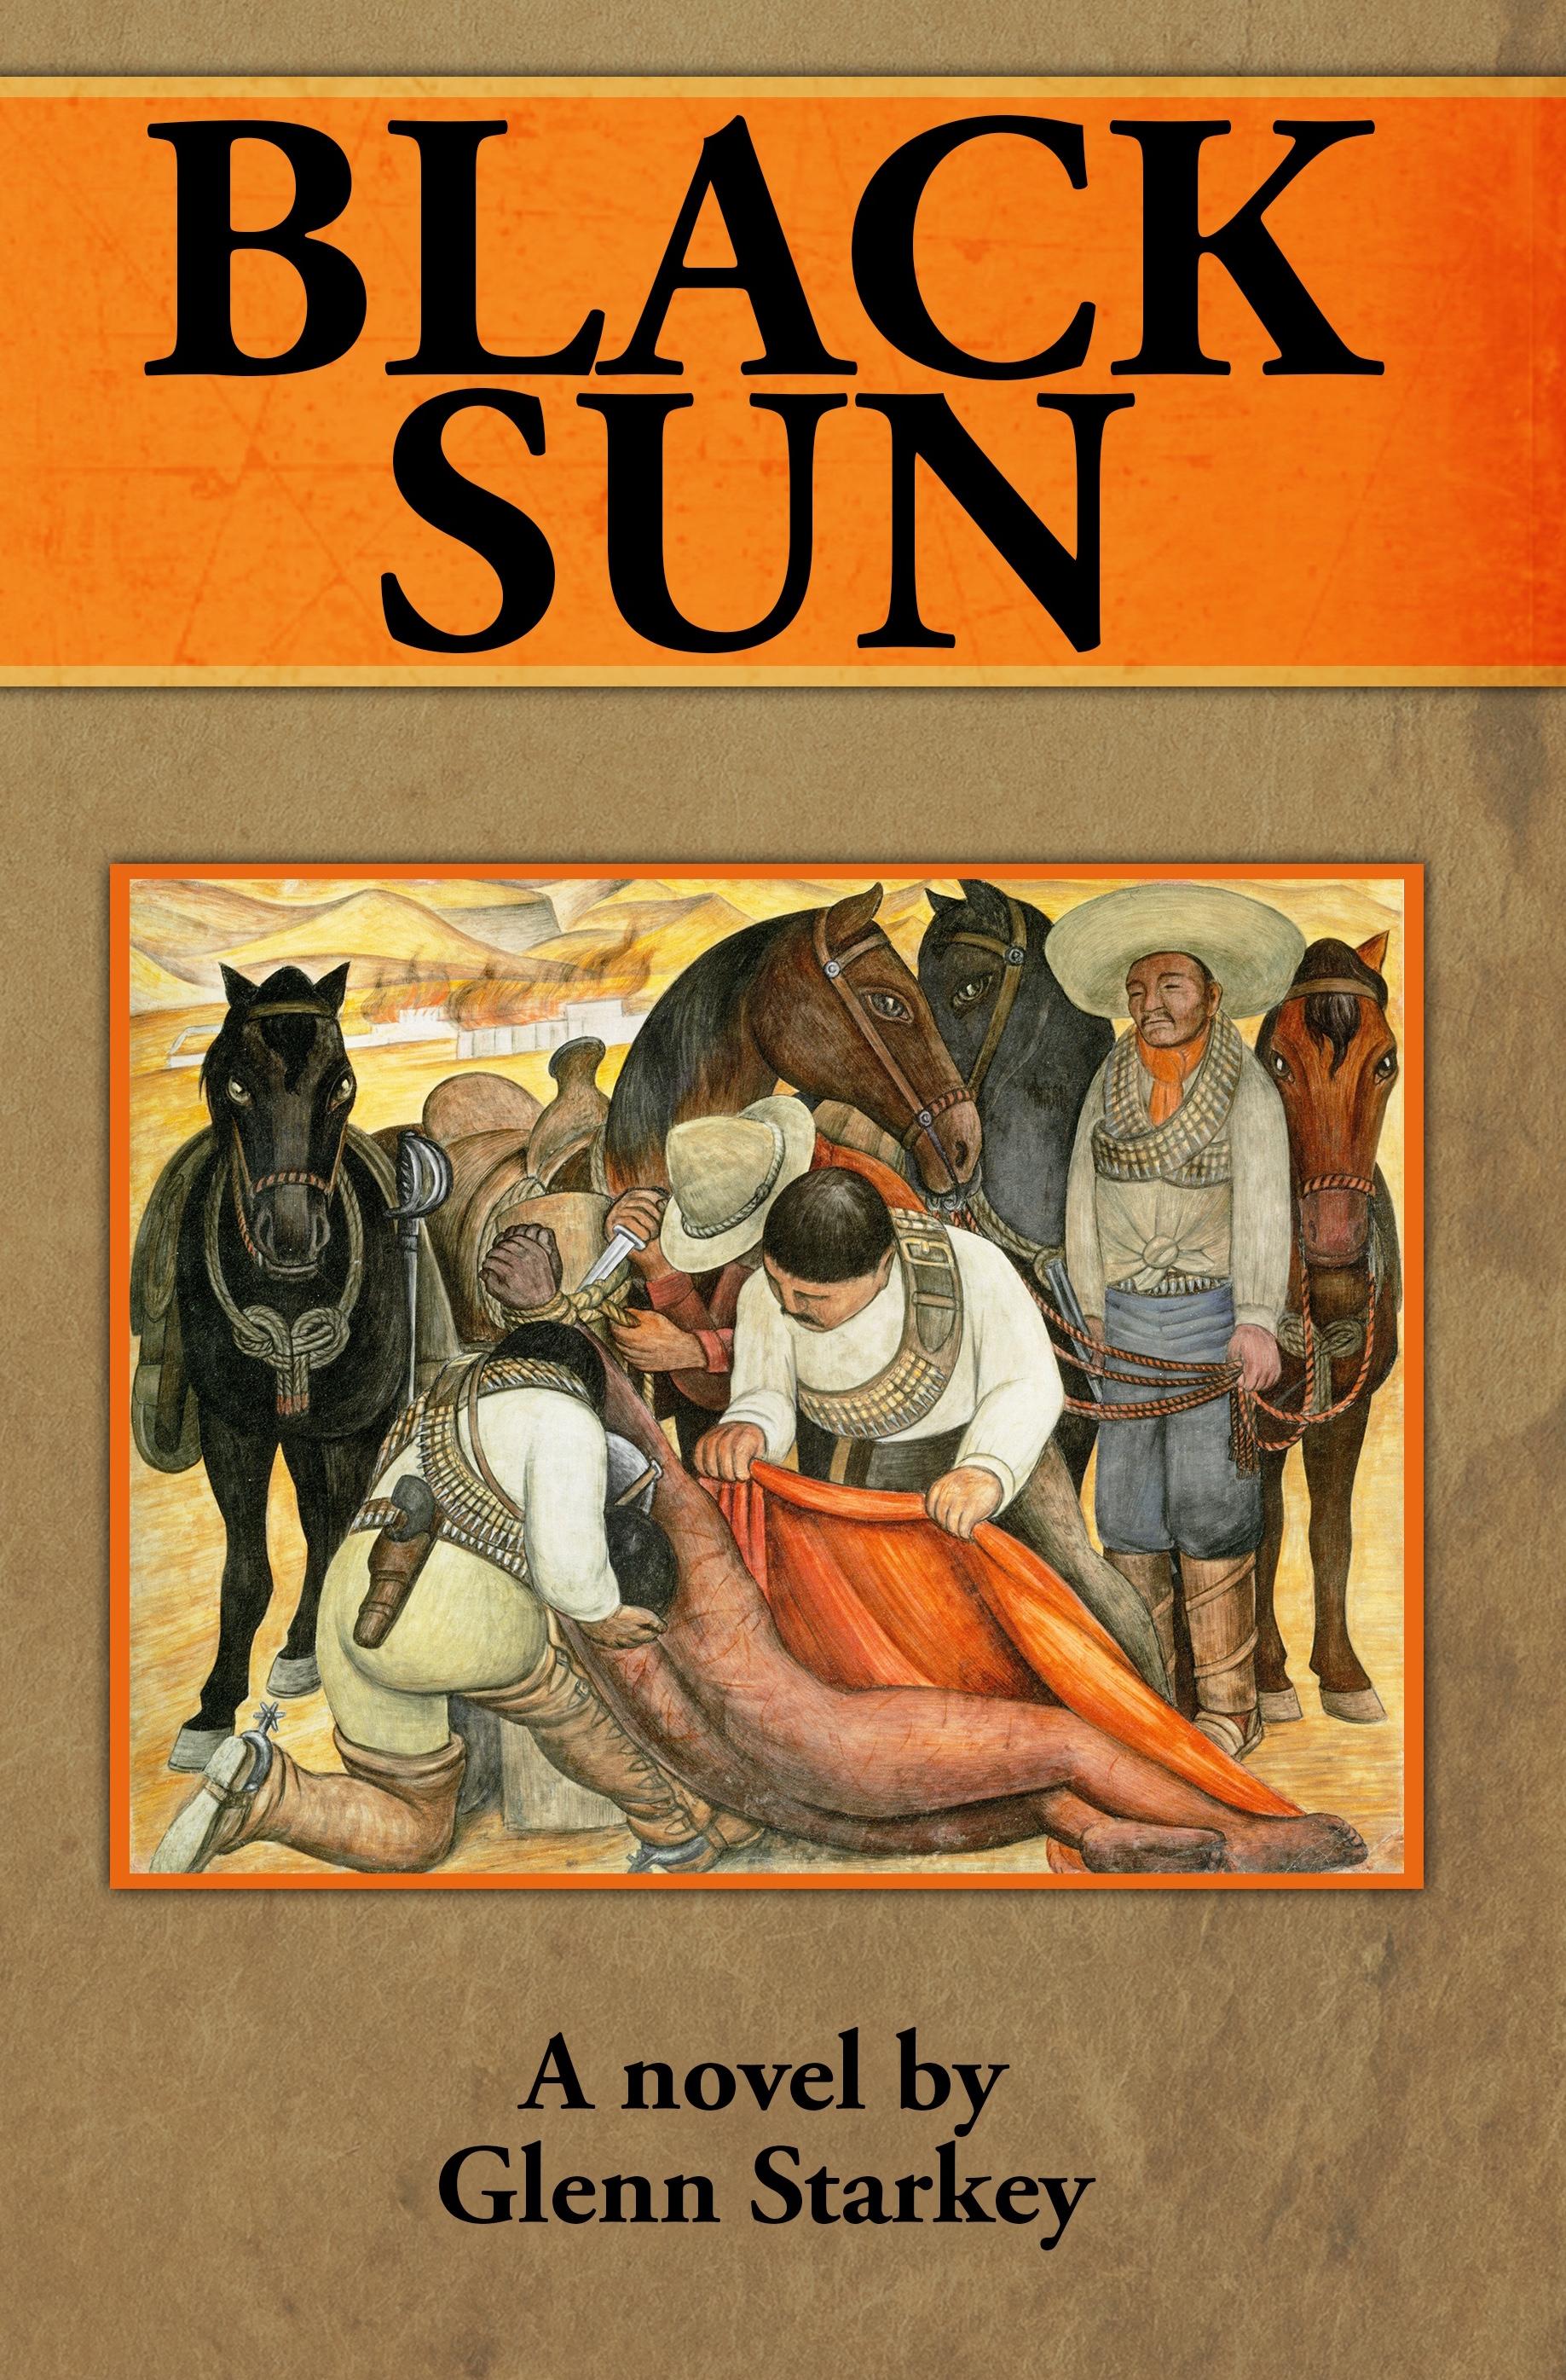 BLACK SUN Wins Book Excellence Award